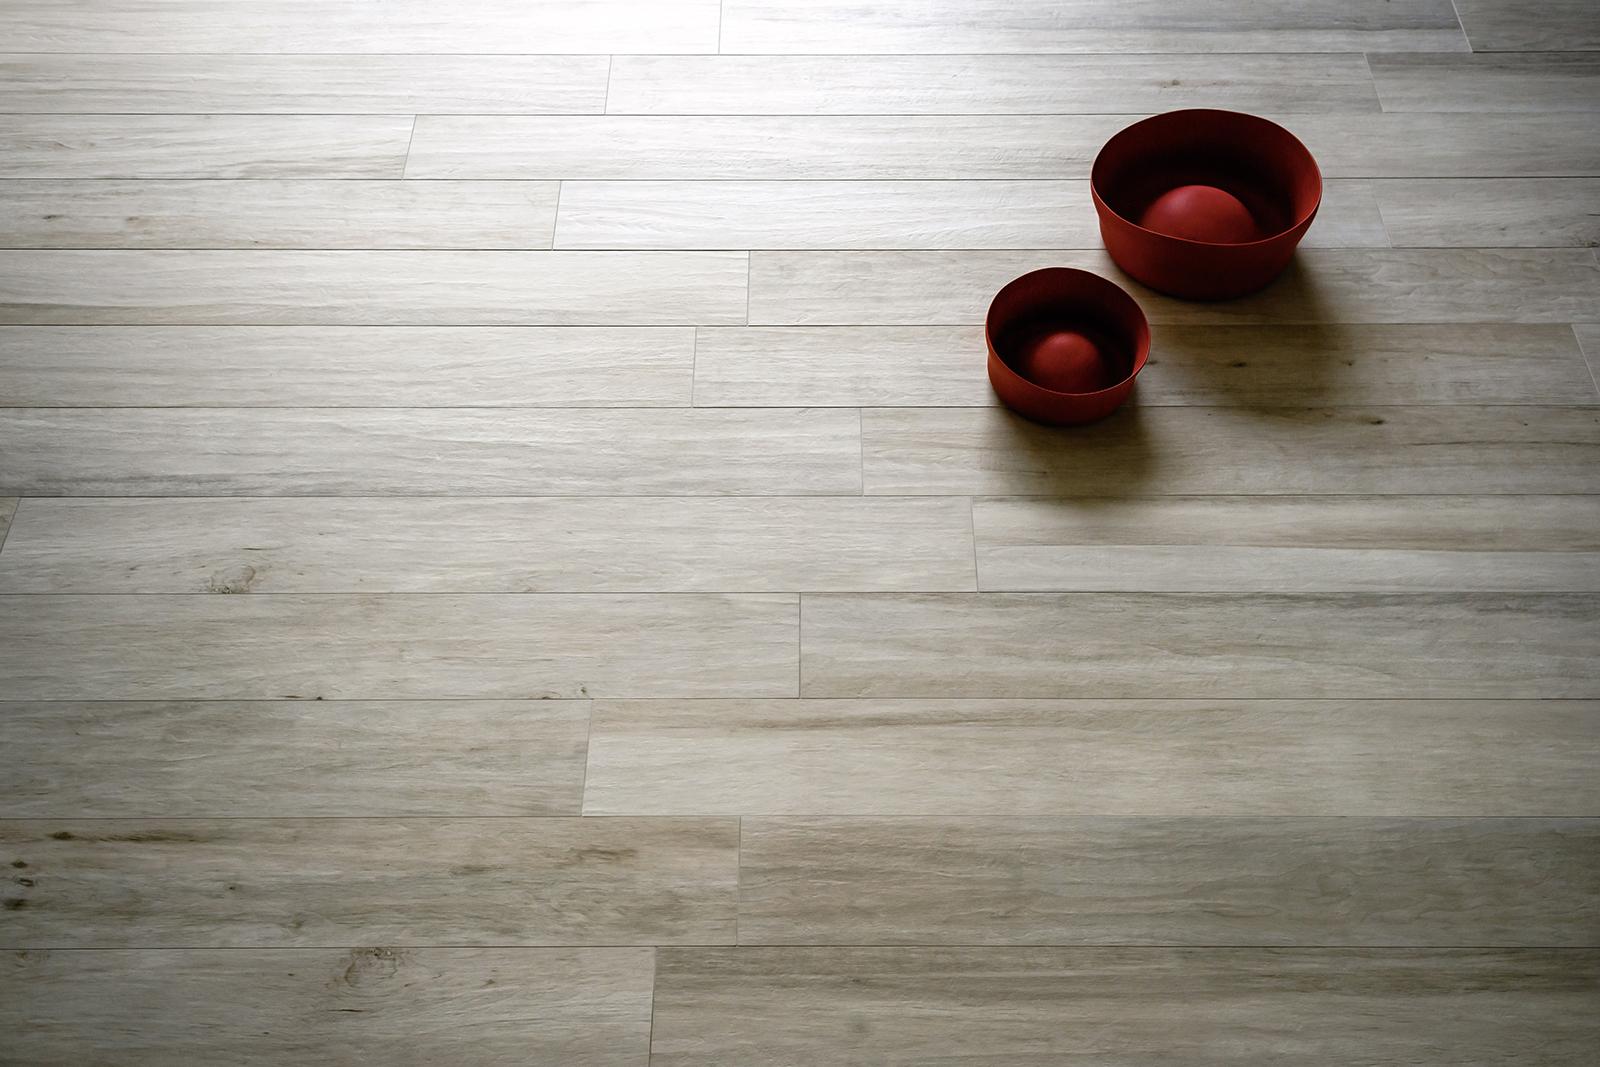 Gres Porcellanato Prezzi Bassi pavimenti in gres porcellanato, effetto legno - edilizia